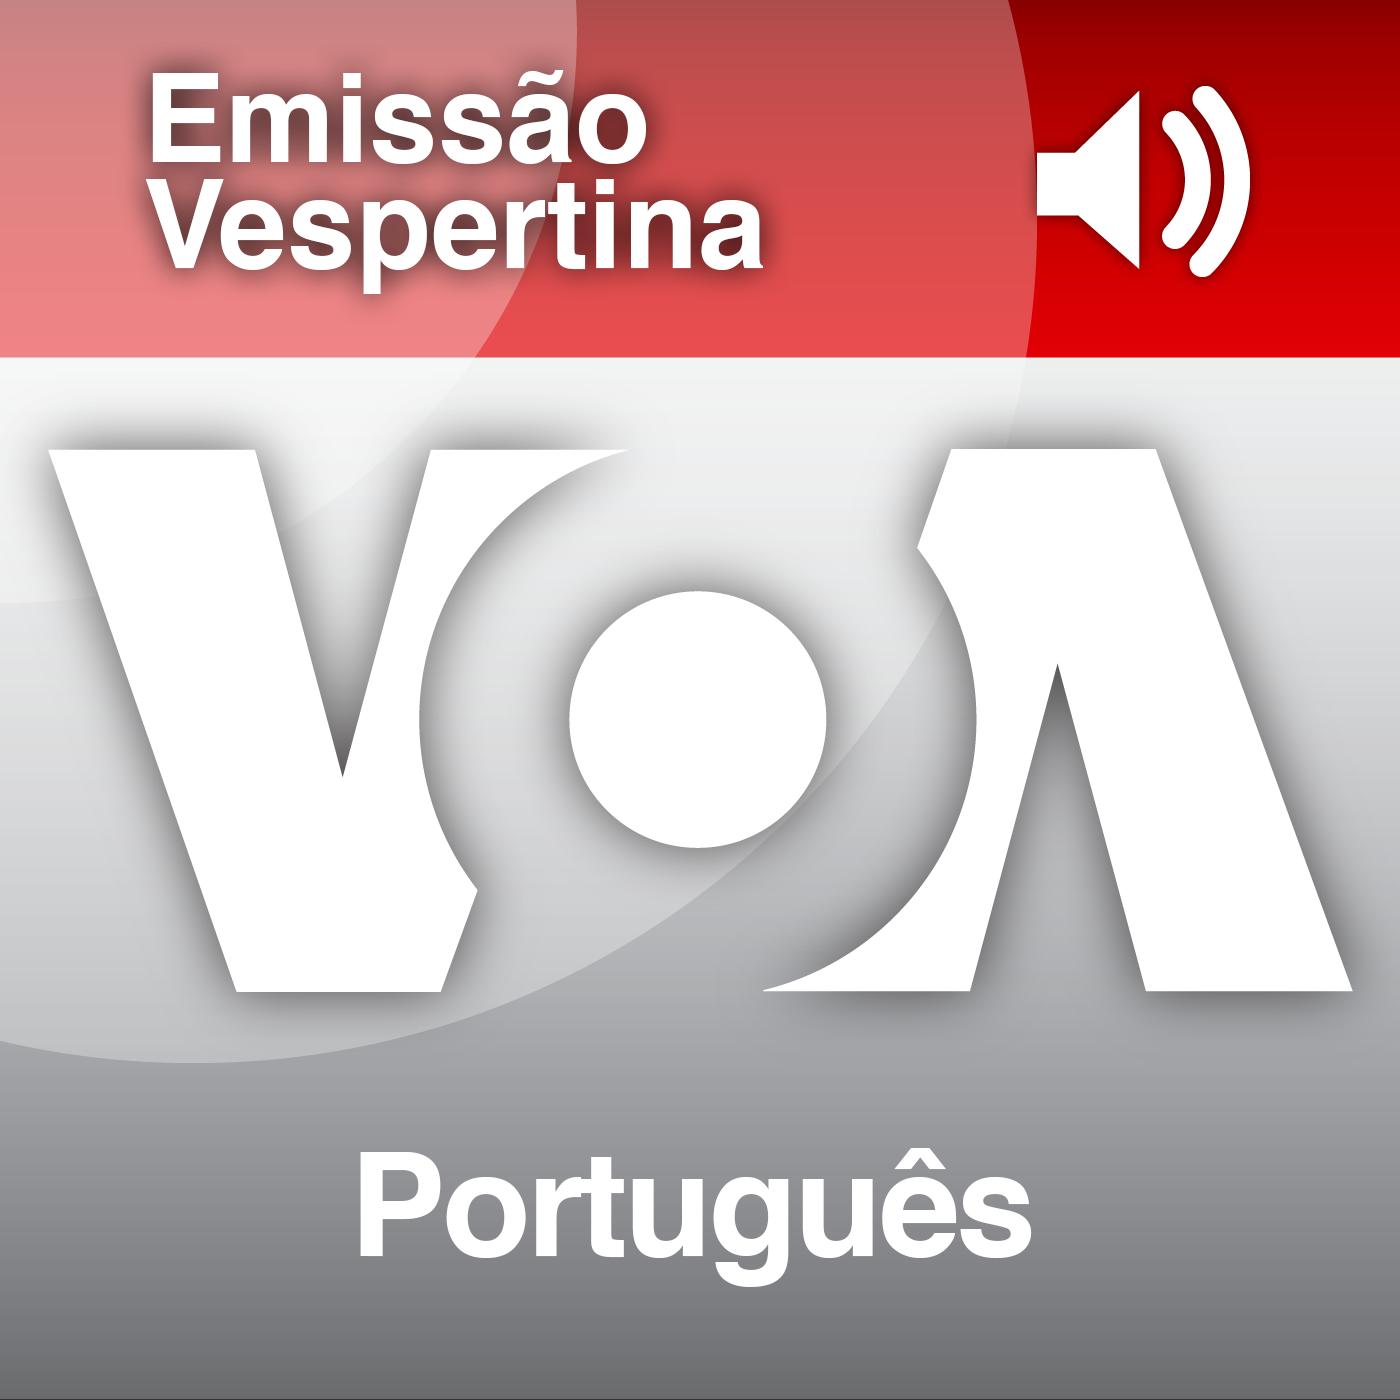 Emissão Vespertina - Voz da América. Subscreva o serviço de Podcast da Voz da América